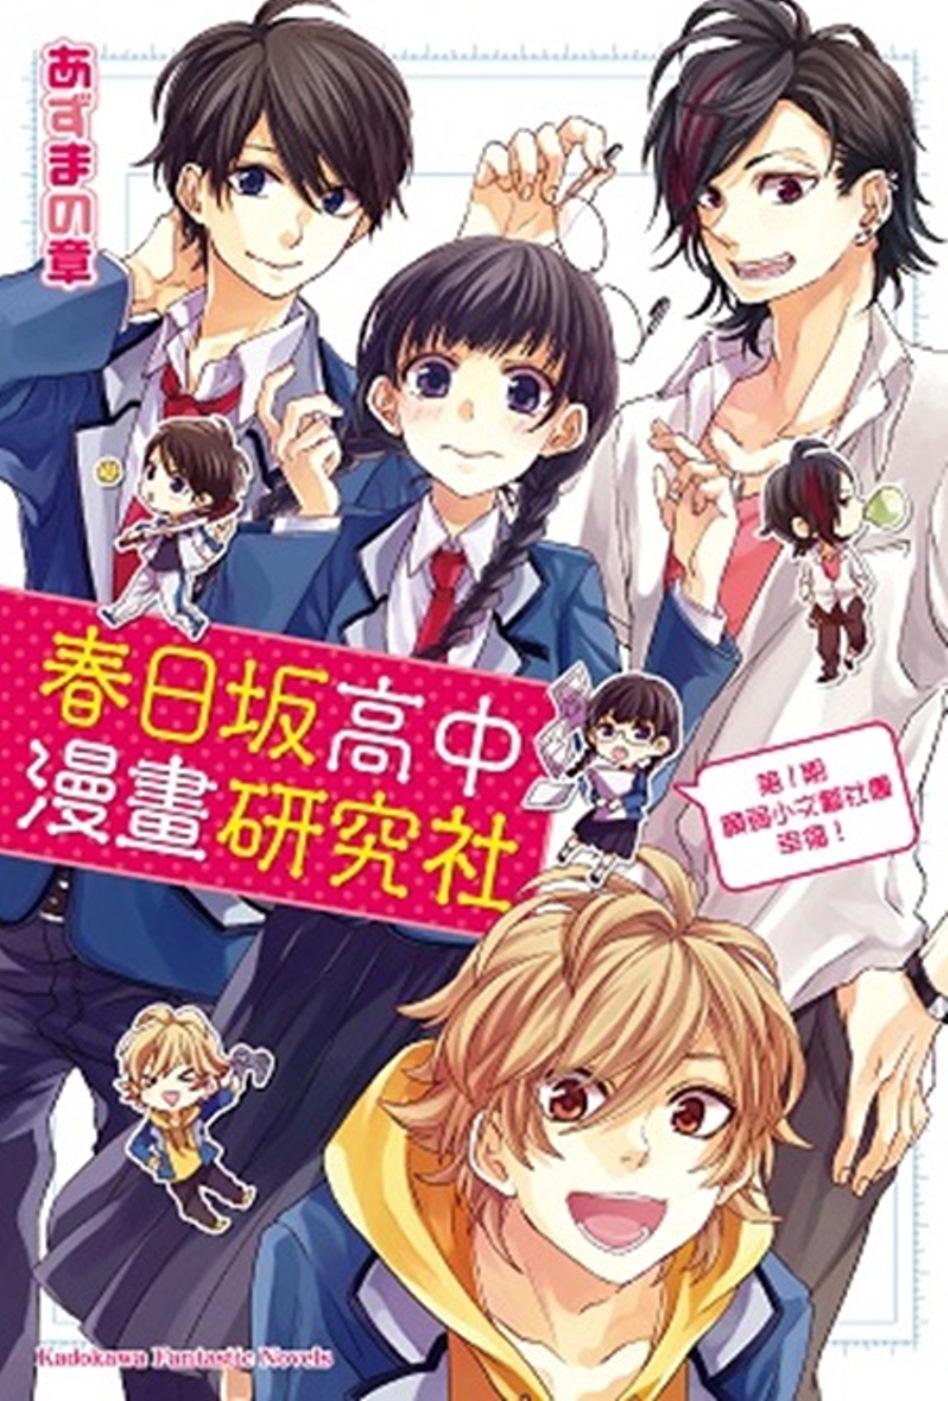 春日?高中漫畫研究社 第1期 願弱小文化社團幸福!01